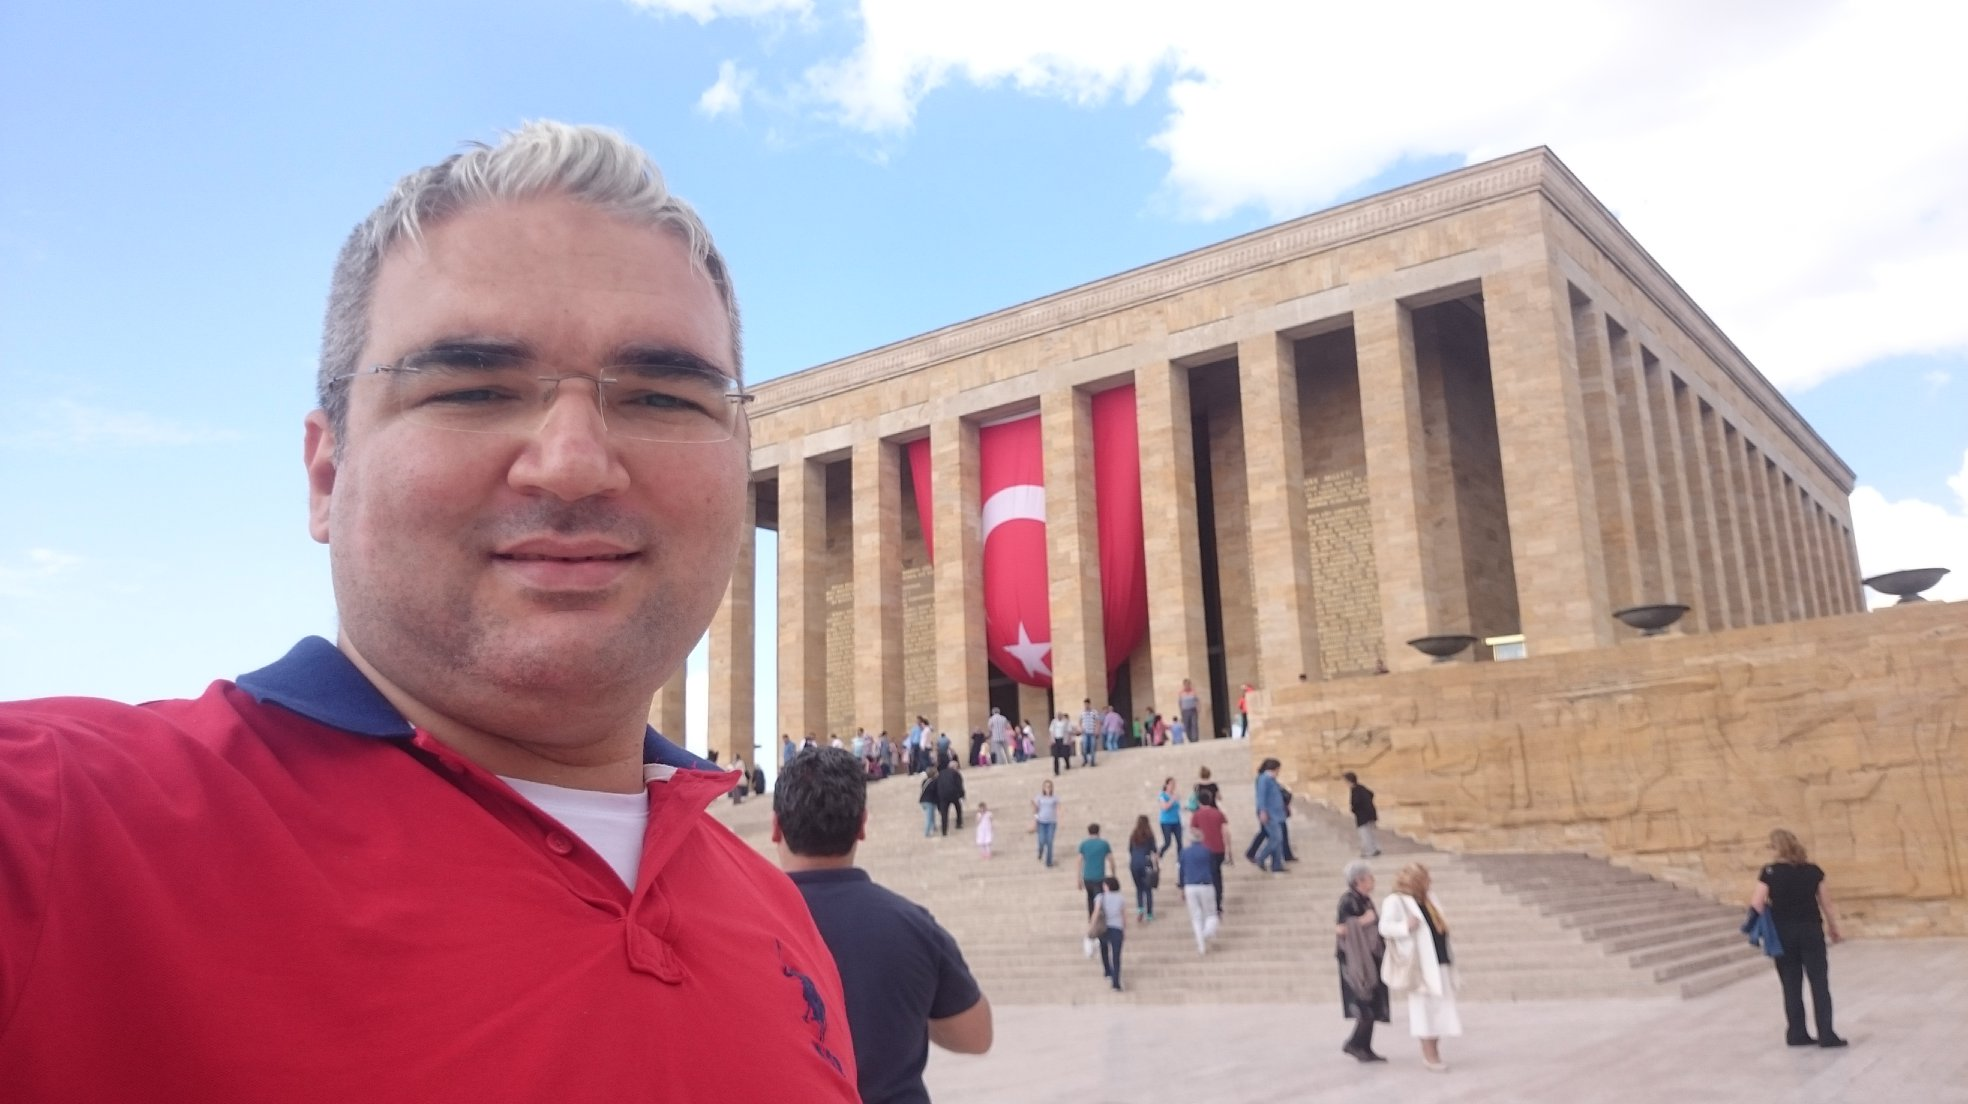 Baykal baykalbul Ankara Mustafa Kemal Atatürk Ulu Önder Anıtkabri Anıtkabir Allah rahmet e...jpg